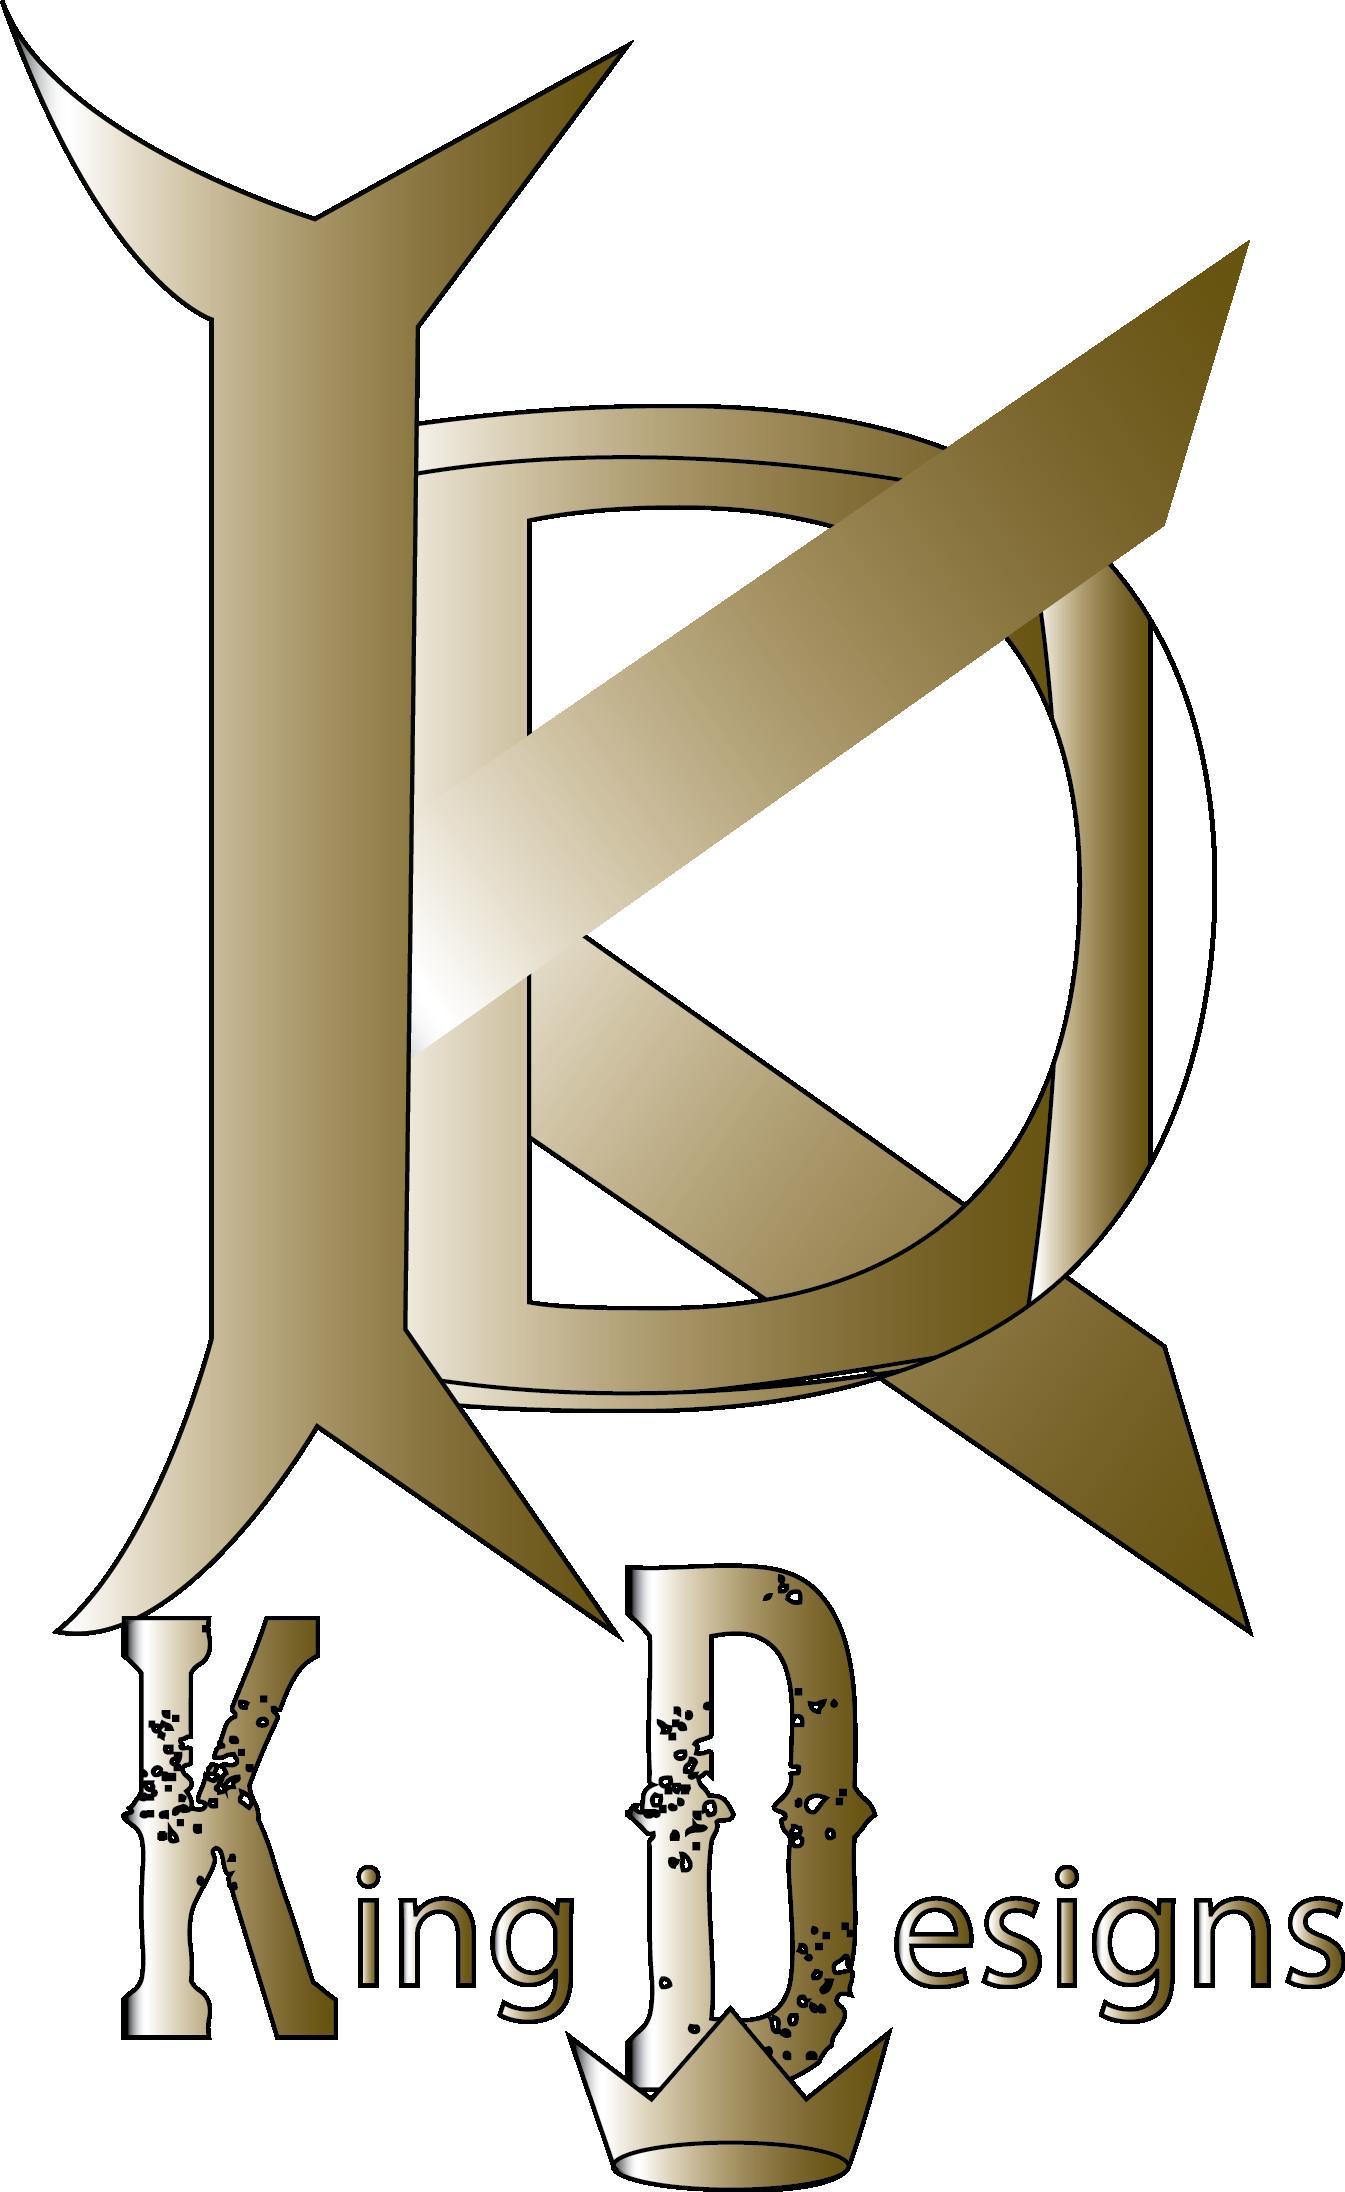 Kings Designs